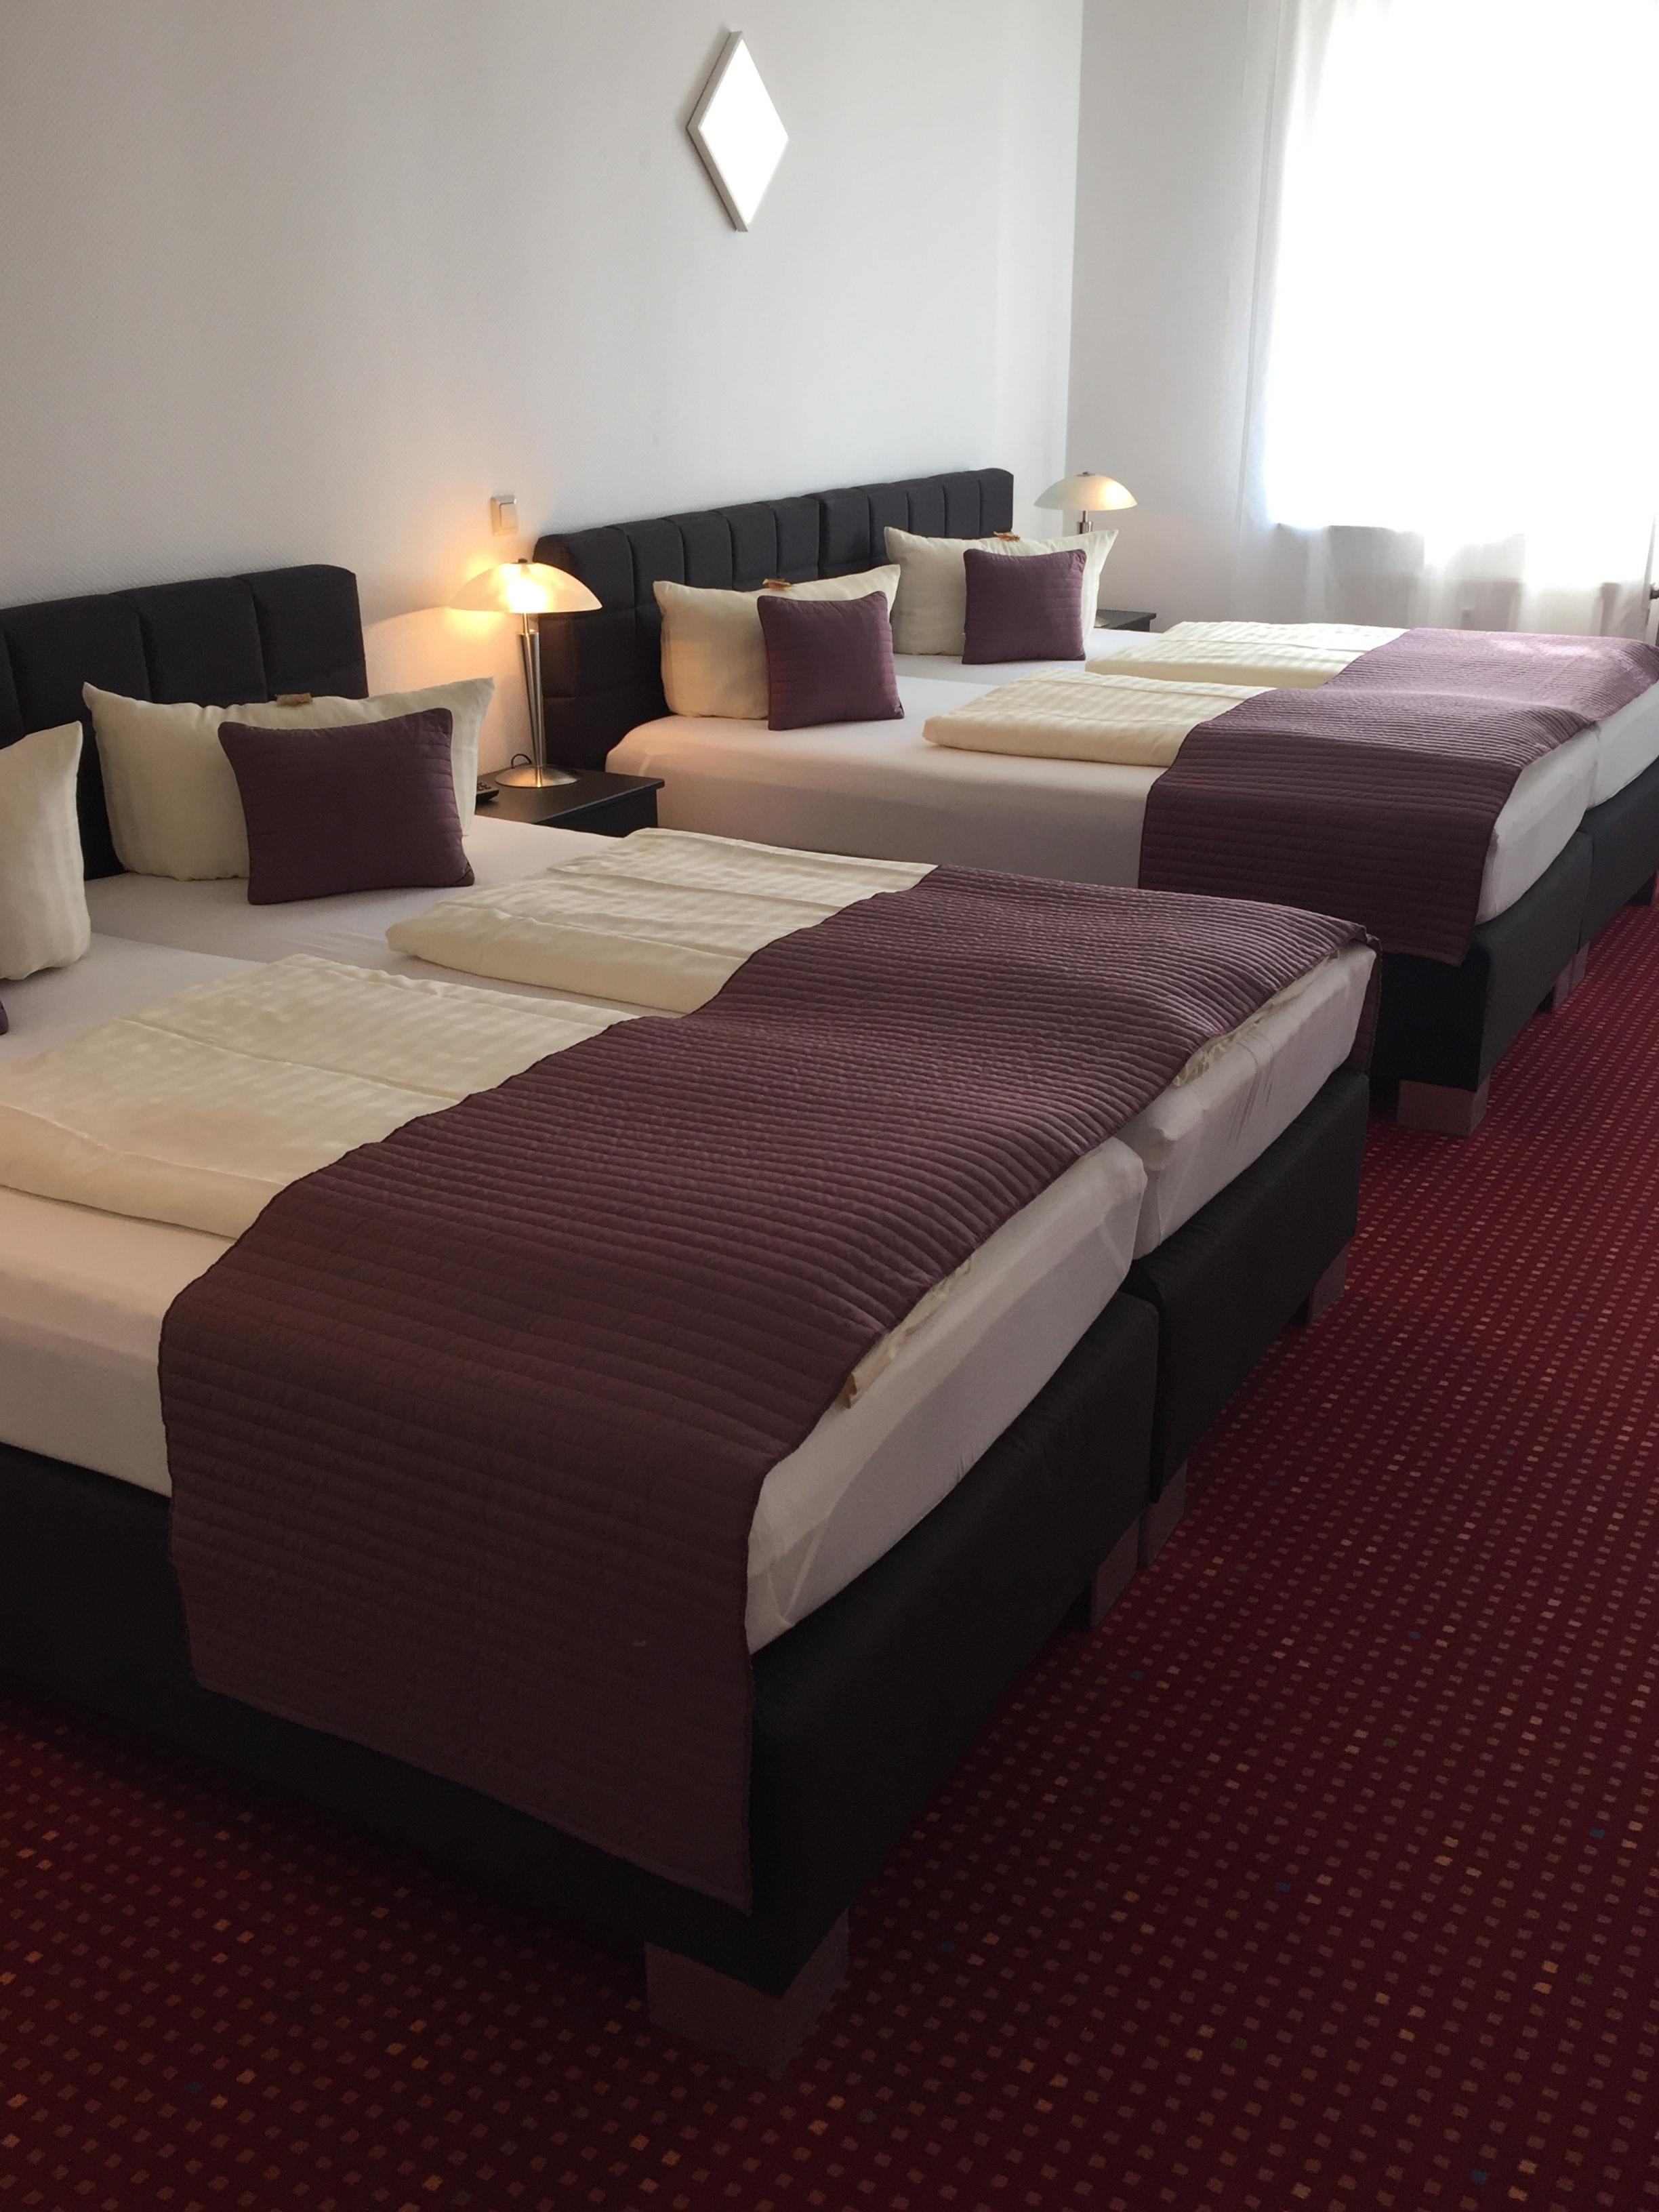 vierbettzimmer wincent hotel sinsheim. Black Bedroom Furniture Sets. Home Design Ideas